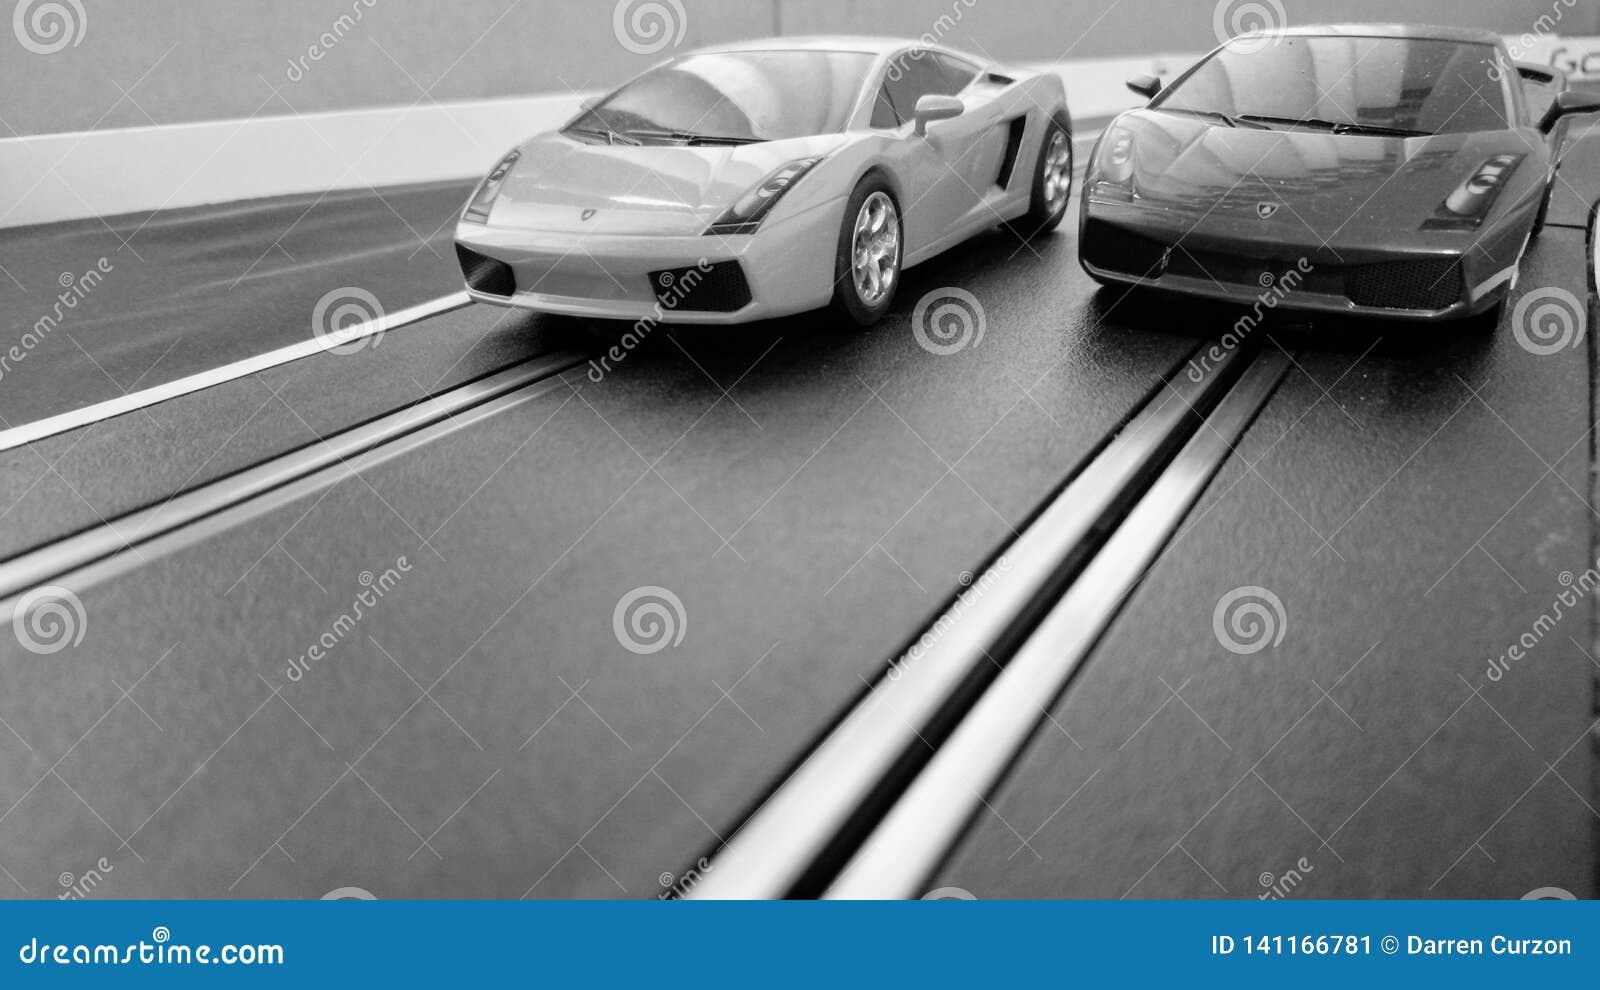 Voitures de course miniature emballant sur une voie de voiture de course miniature, noire et blanche pour un rétro regard